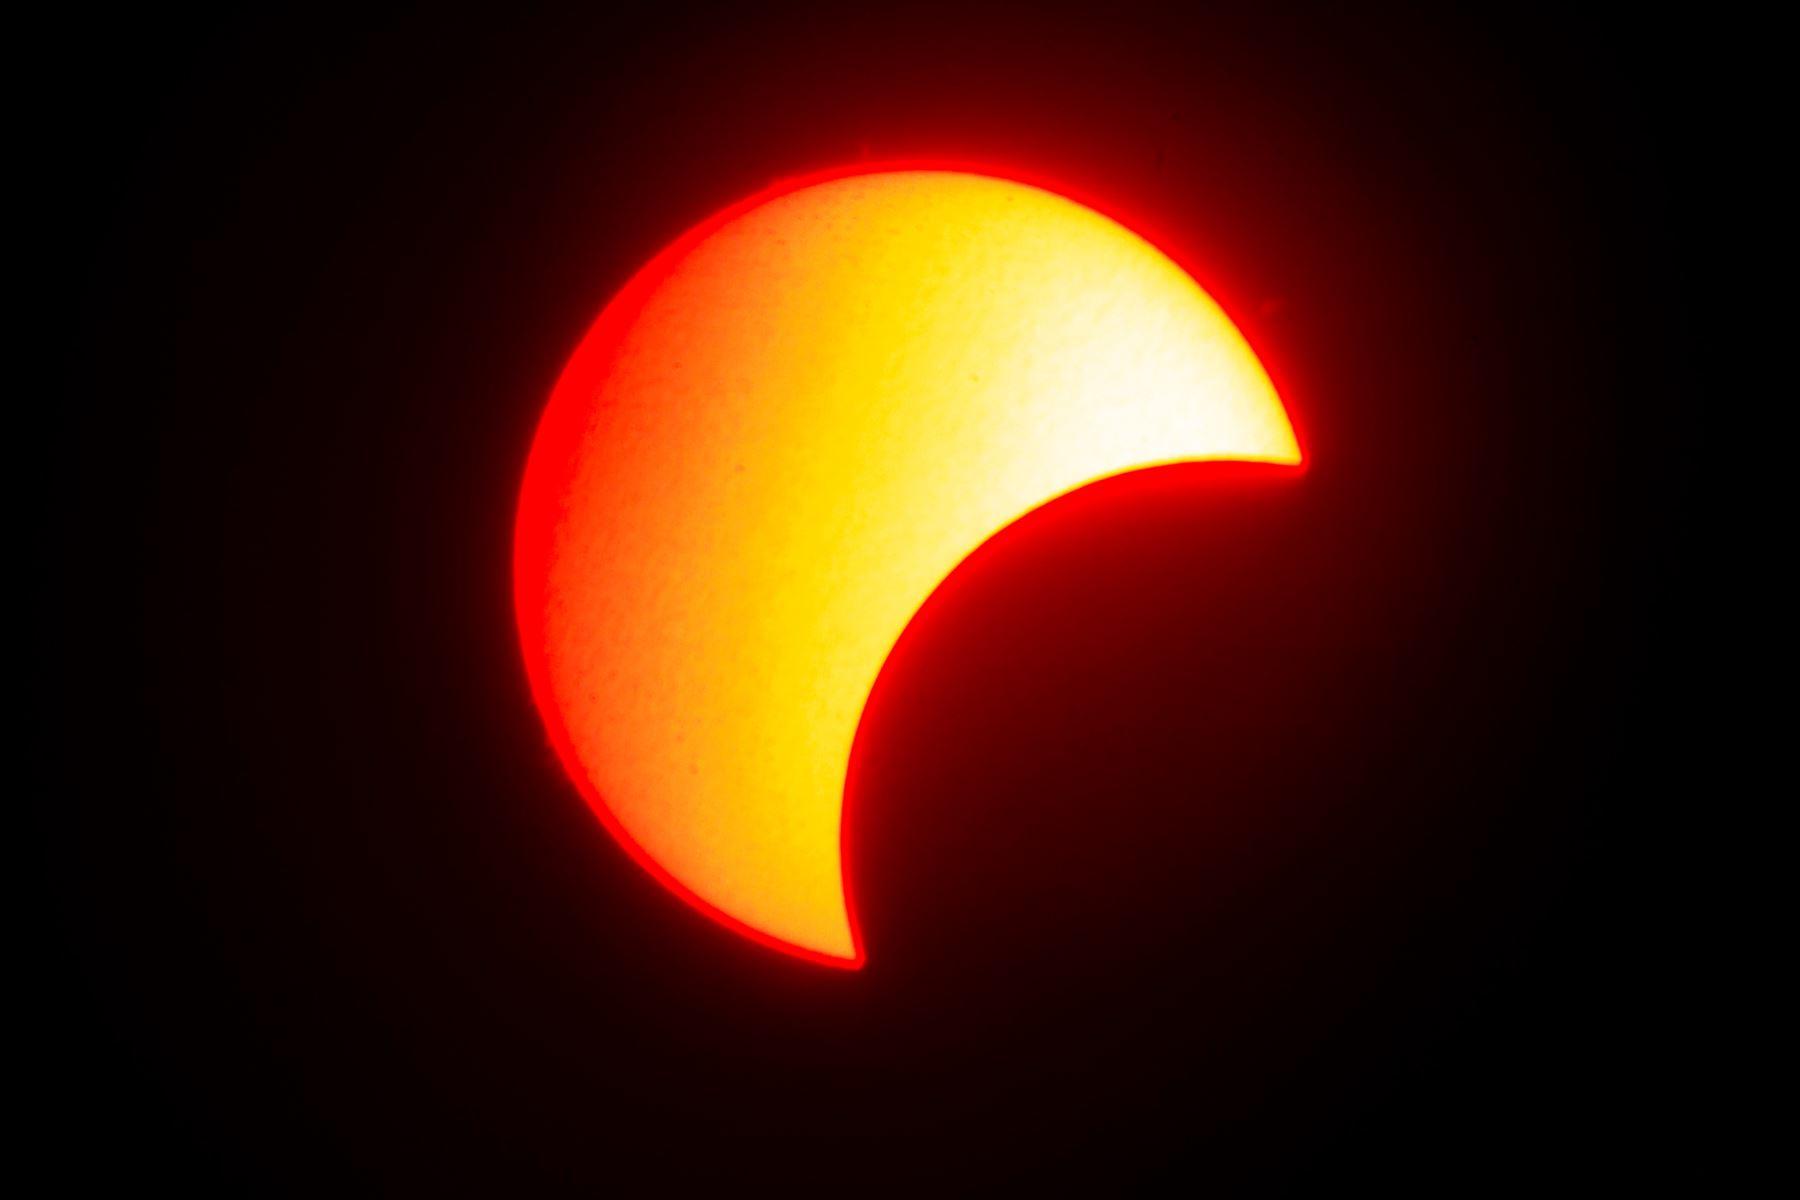 """La superficie del sol se ve cuando la luna se mueve frente a ella en un eclipse solar de """"anillo de fuego"""", como se ve desde Wan Twin en el centro de Myanmar. Foto: AFP"""